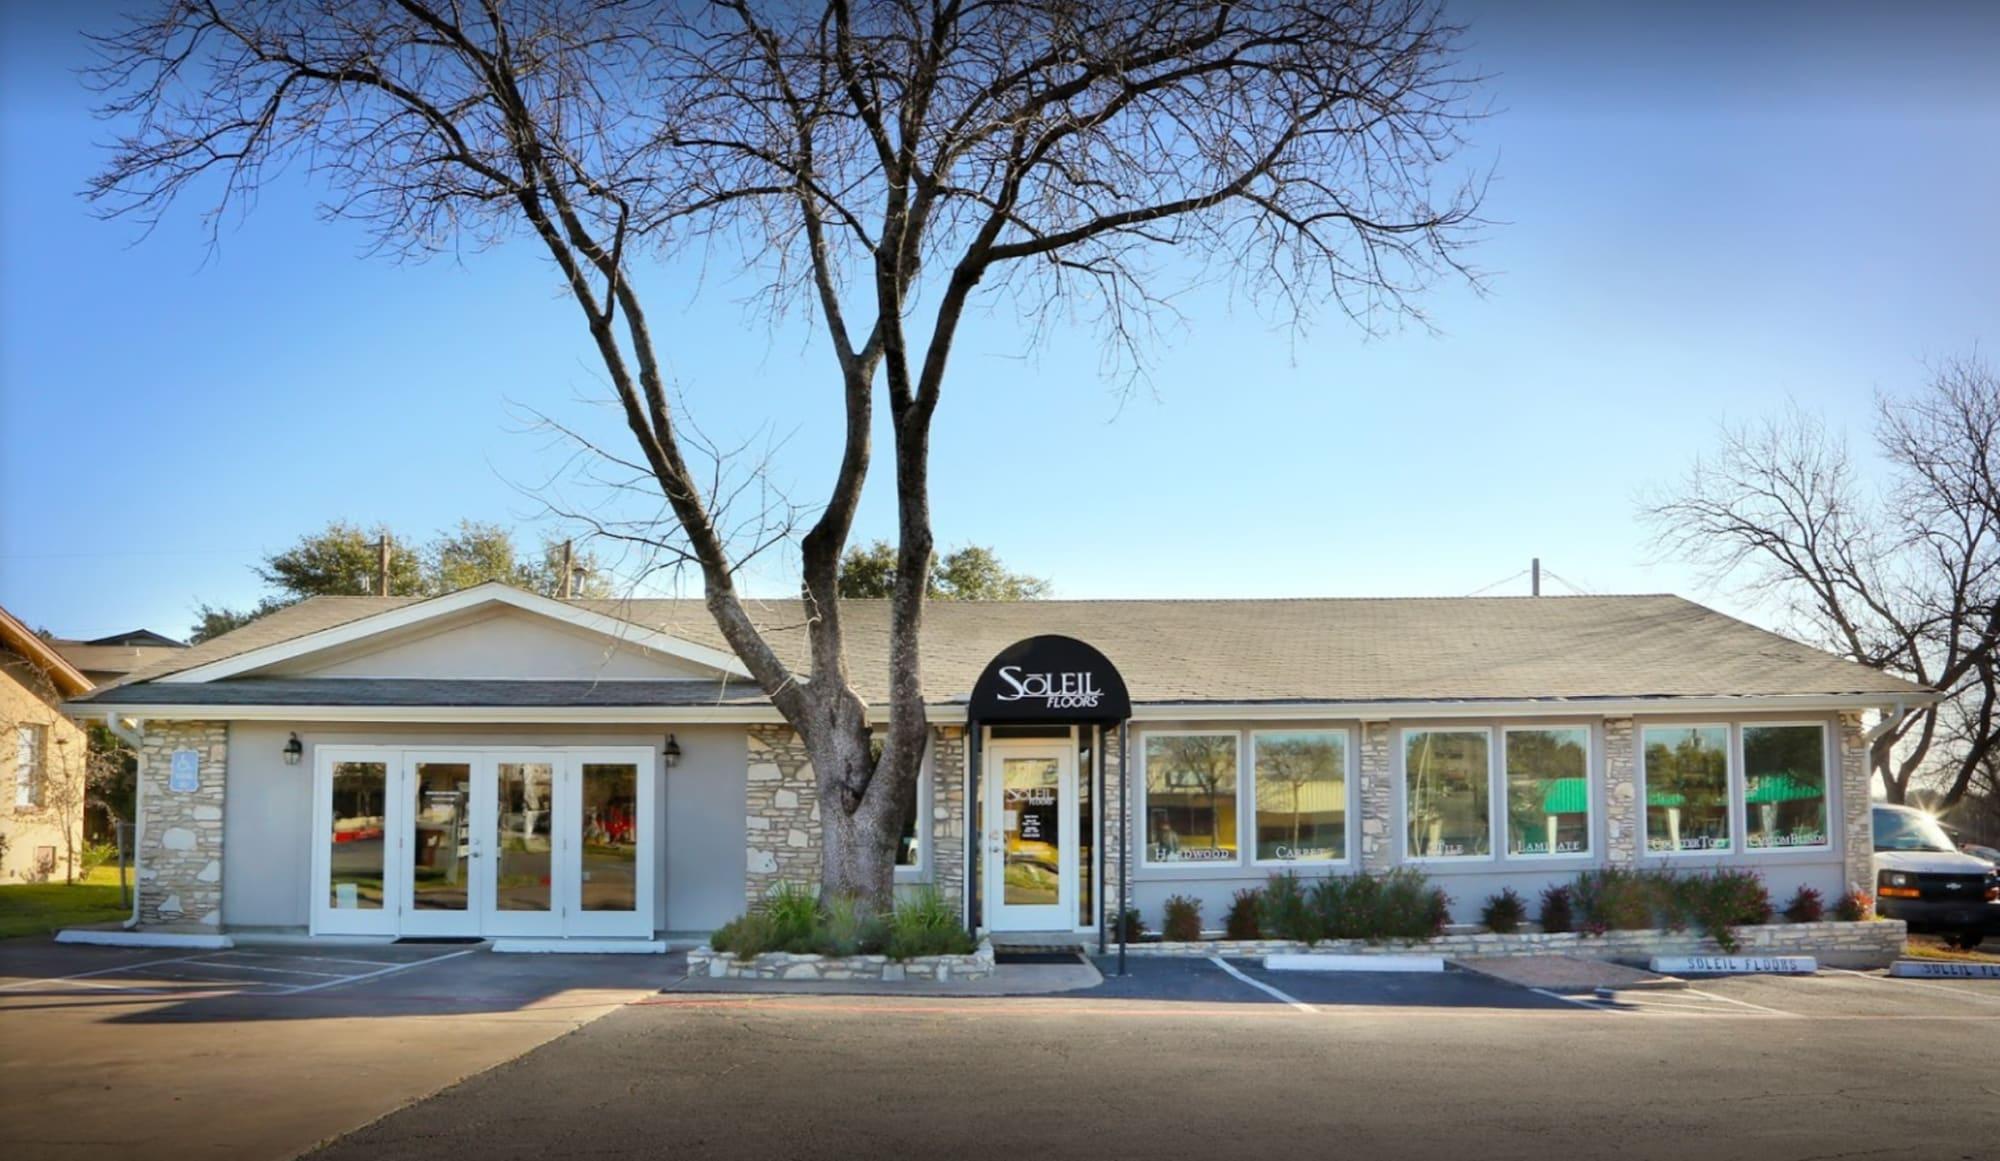 Soleil Floors - 1707 N Mays St Round Rock, TX 78664